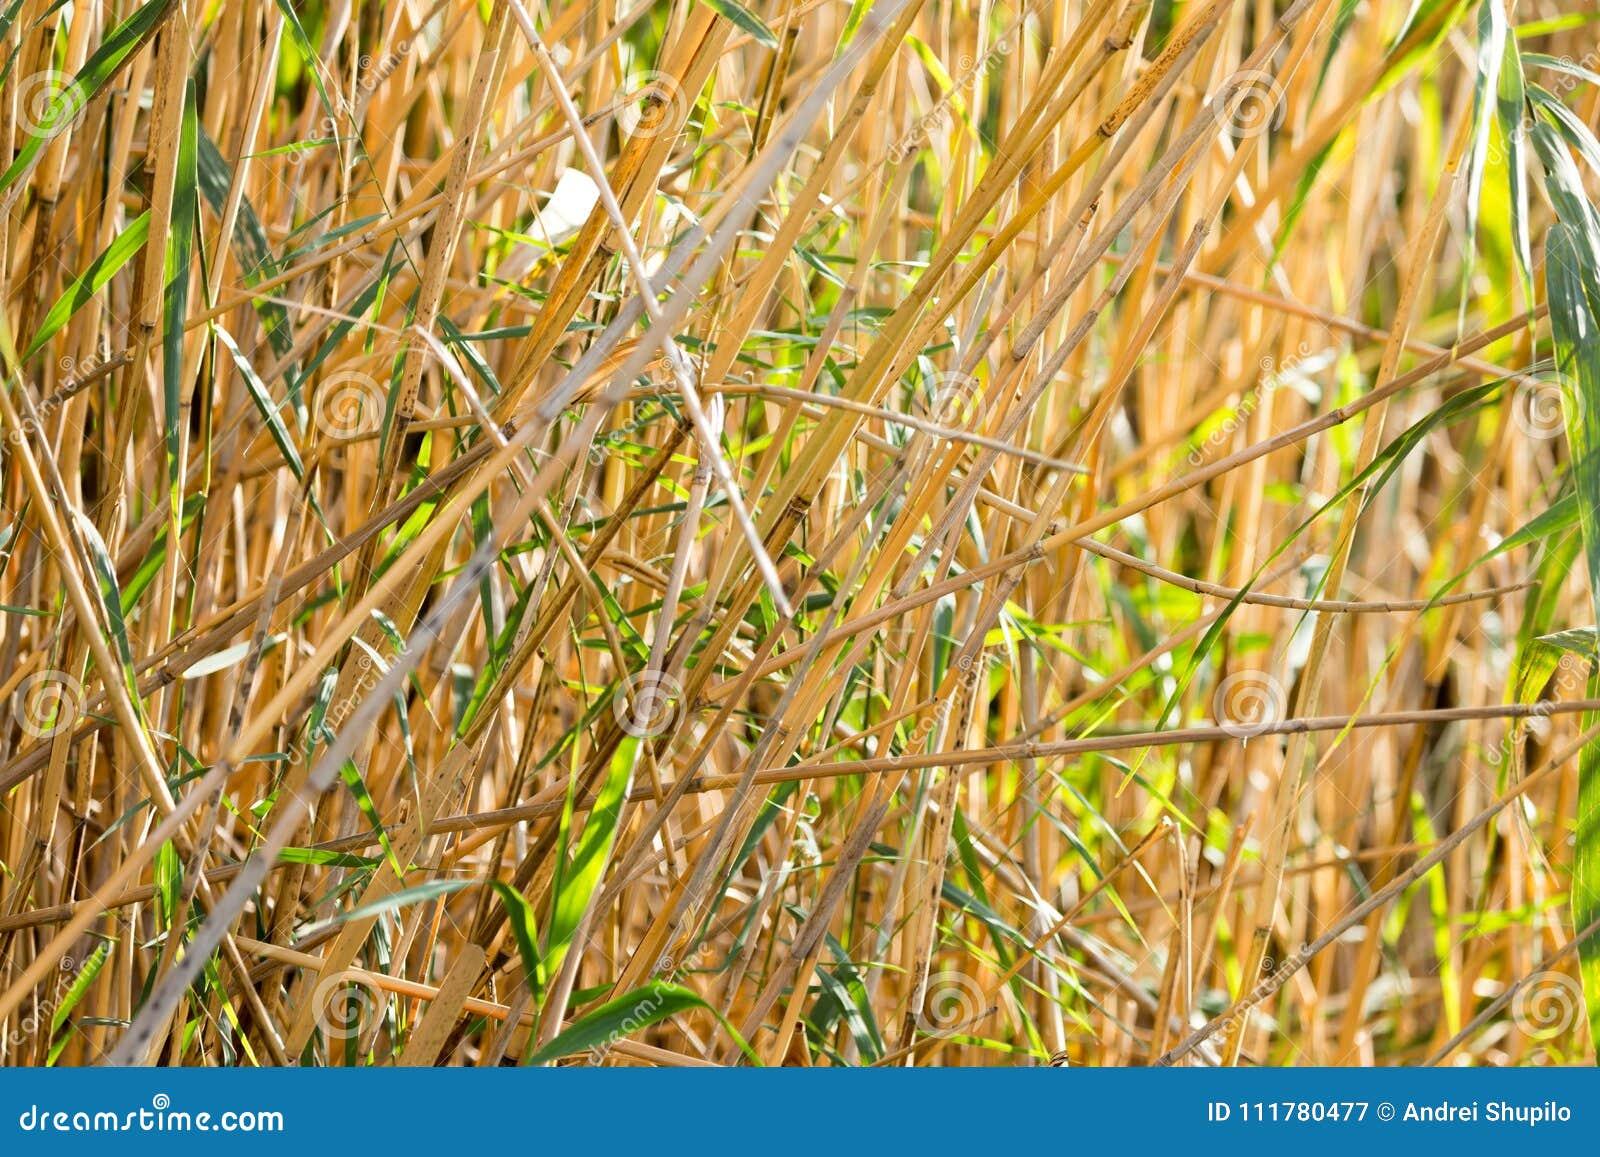 Bulrush outdoors in autumn